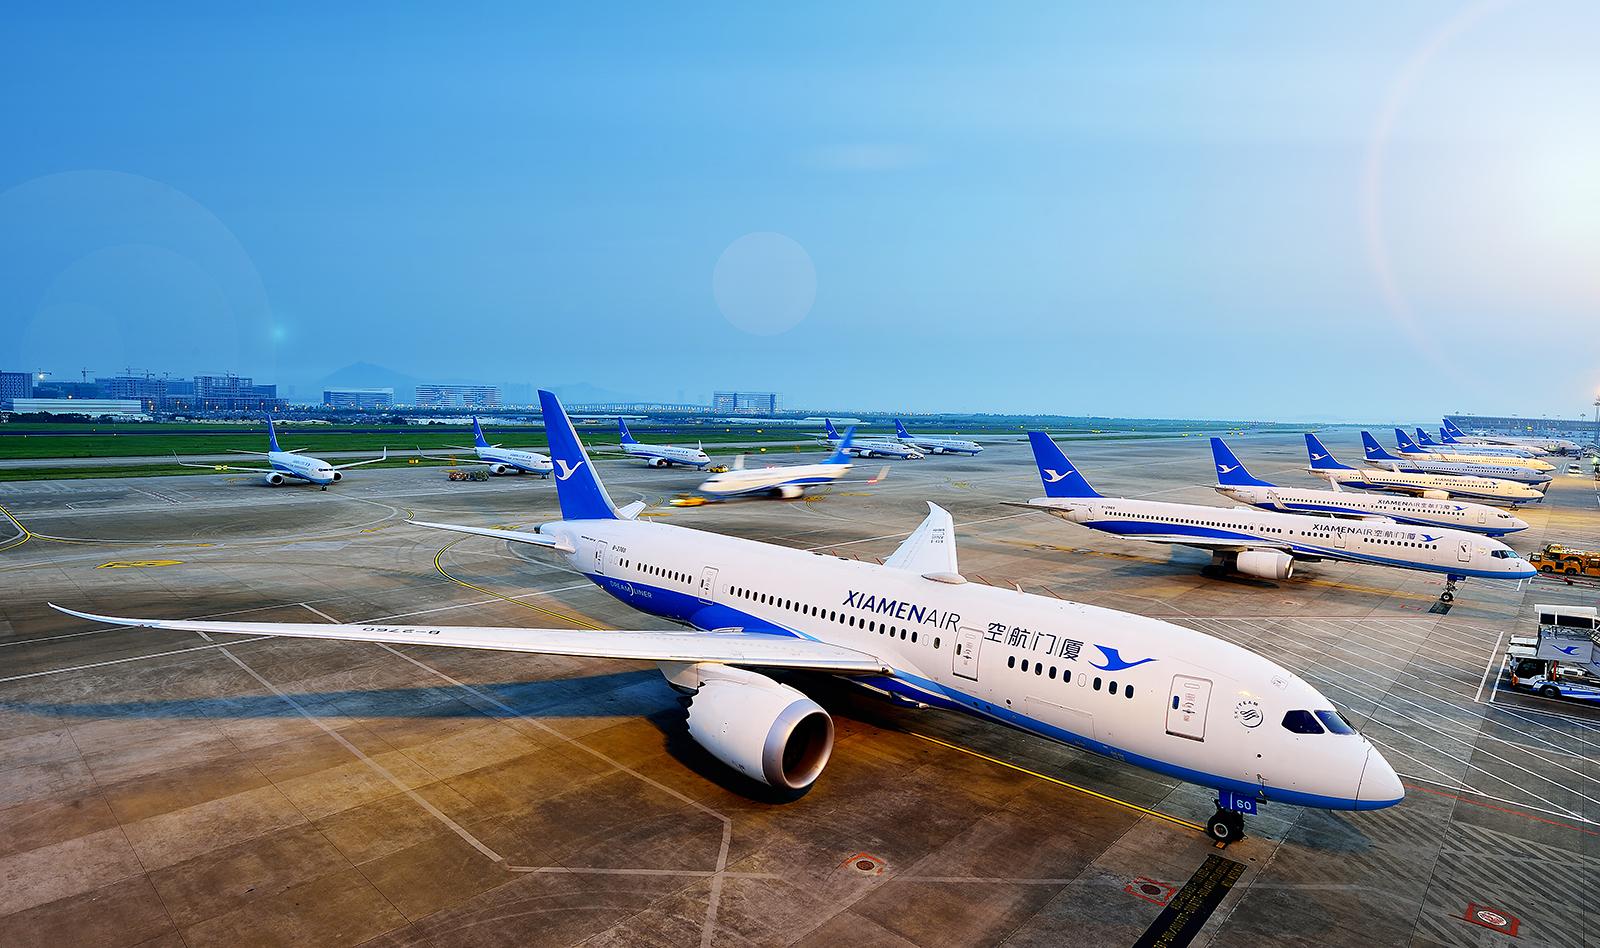 飞机后,发现波音787就是高大上,明显宽敞了很多,纵向有两个过道,横向